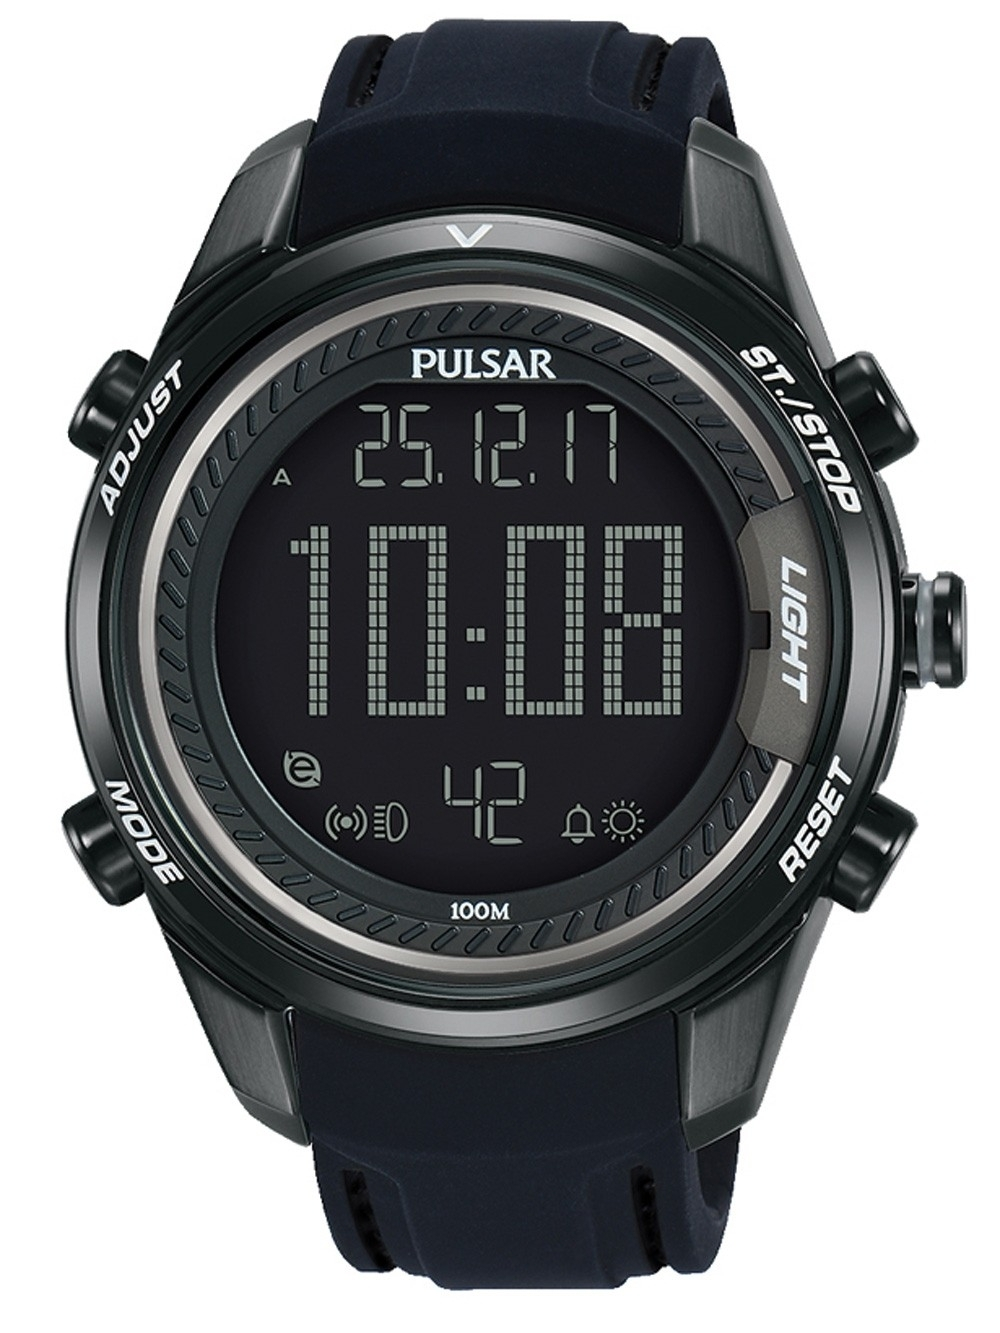 ceas unisex pulsar p5a009x1